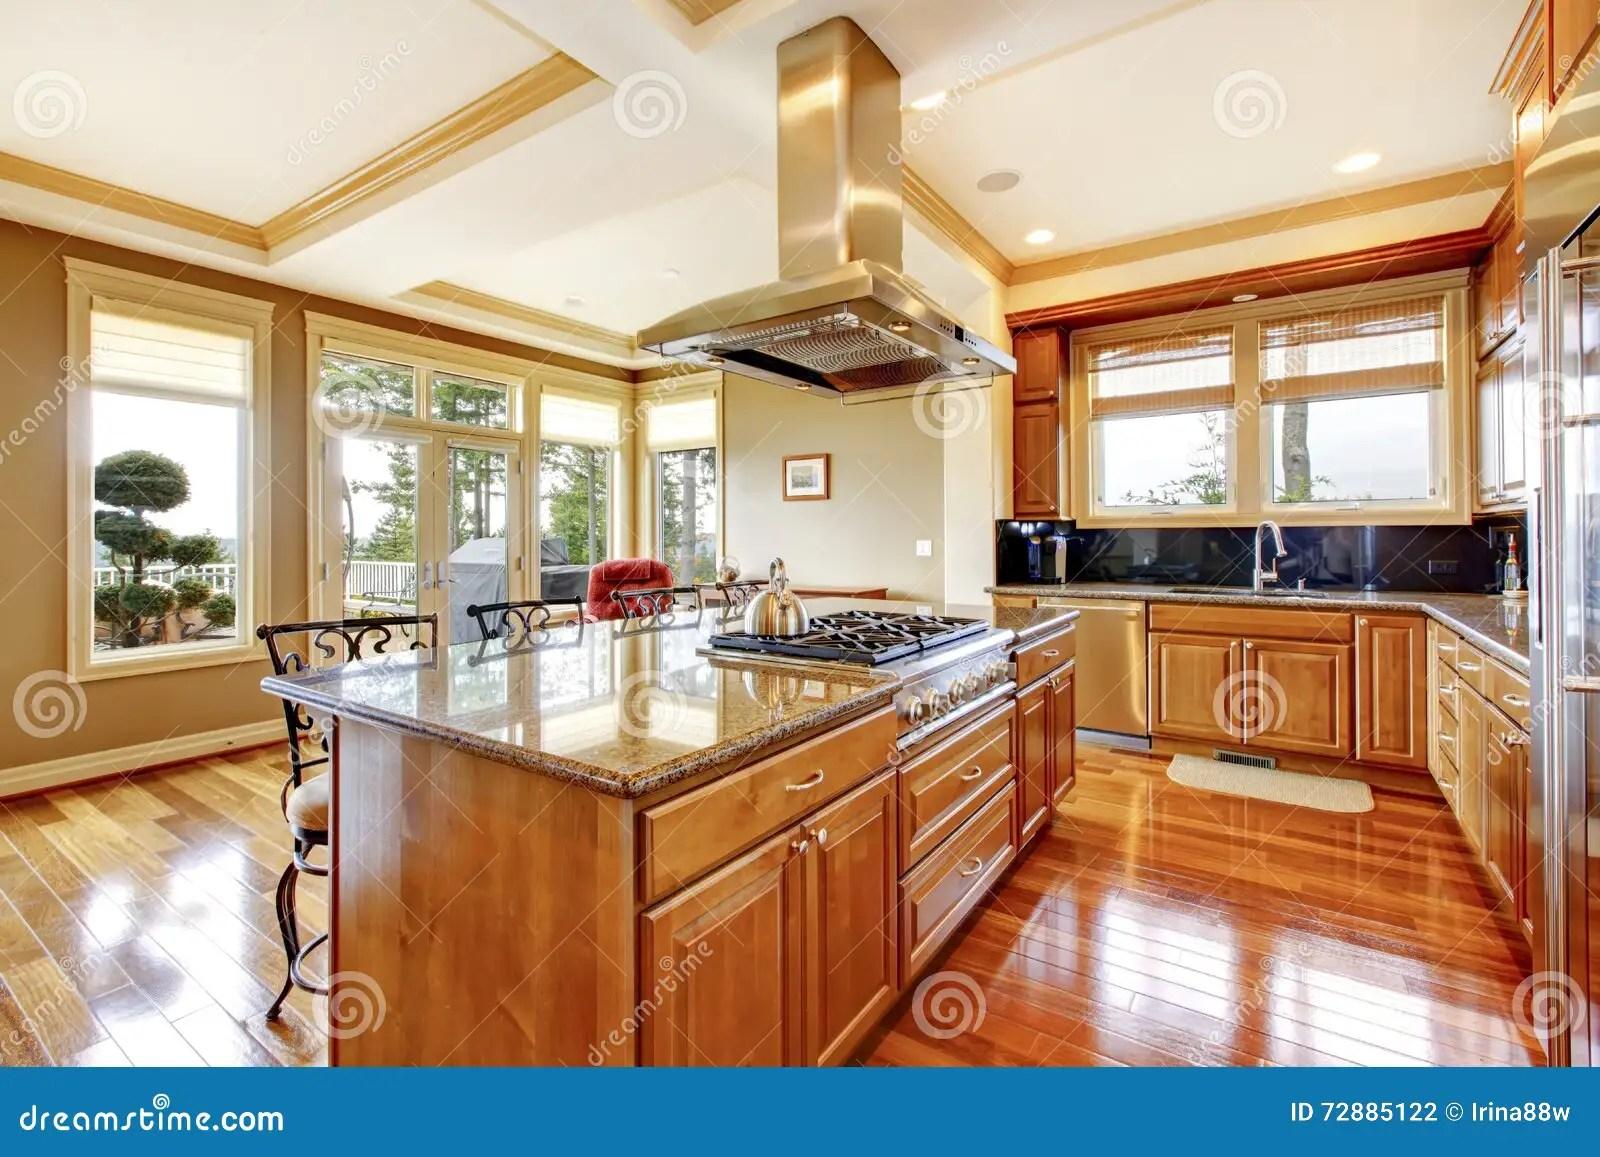 backyard kitchen designs country sinks 与硬木地板 海岛 g的现代木厨房室设计库存照片 图片包括有水槽 顶层 敞篷 花岗岩后院的桌面和看法的现代木厨房室设计